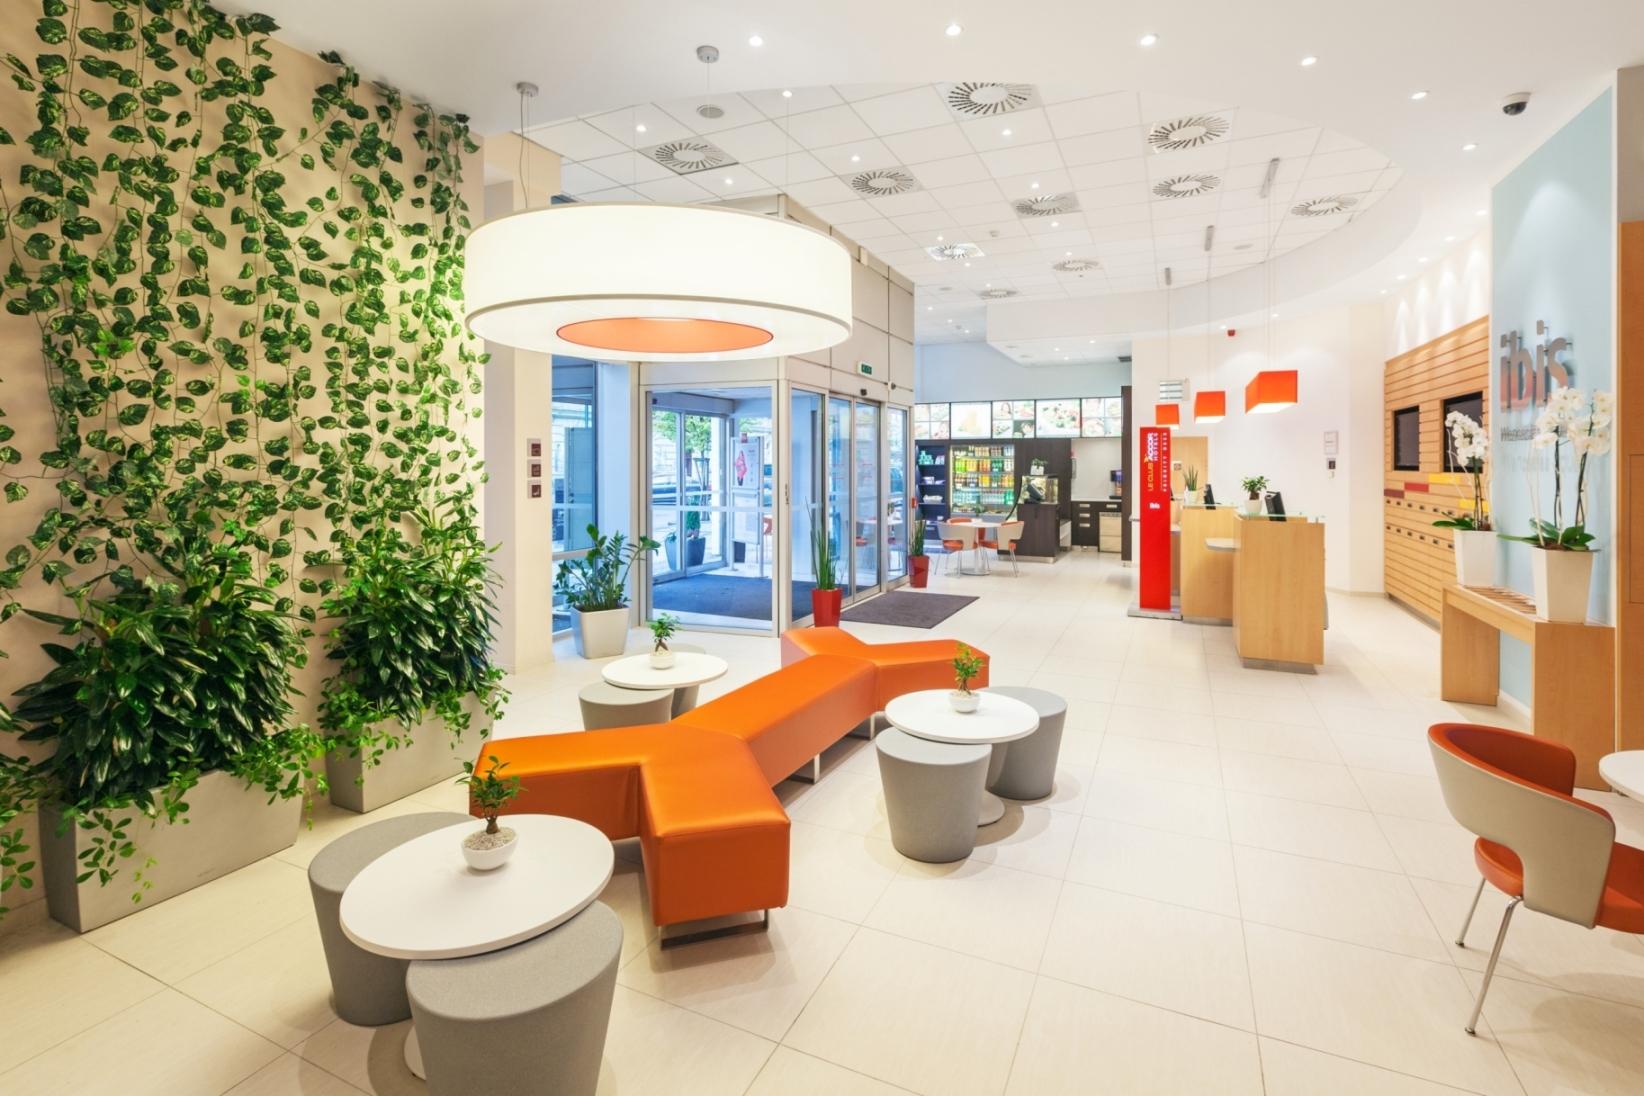 Tři hotely skupiny Accorhotels se pyšní oceněním od Tripadvisor